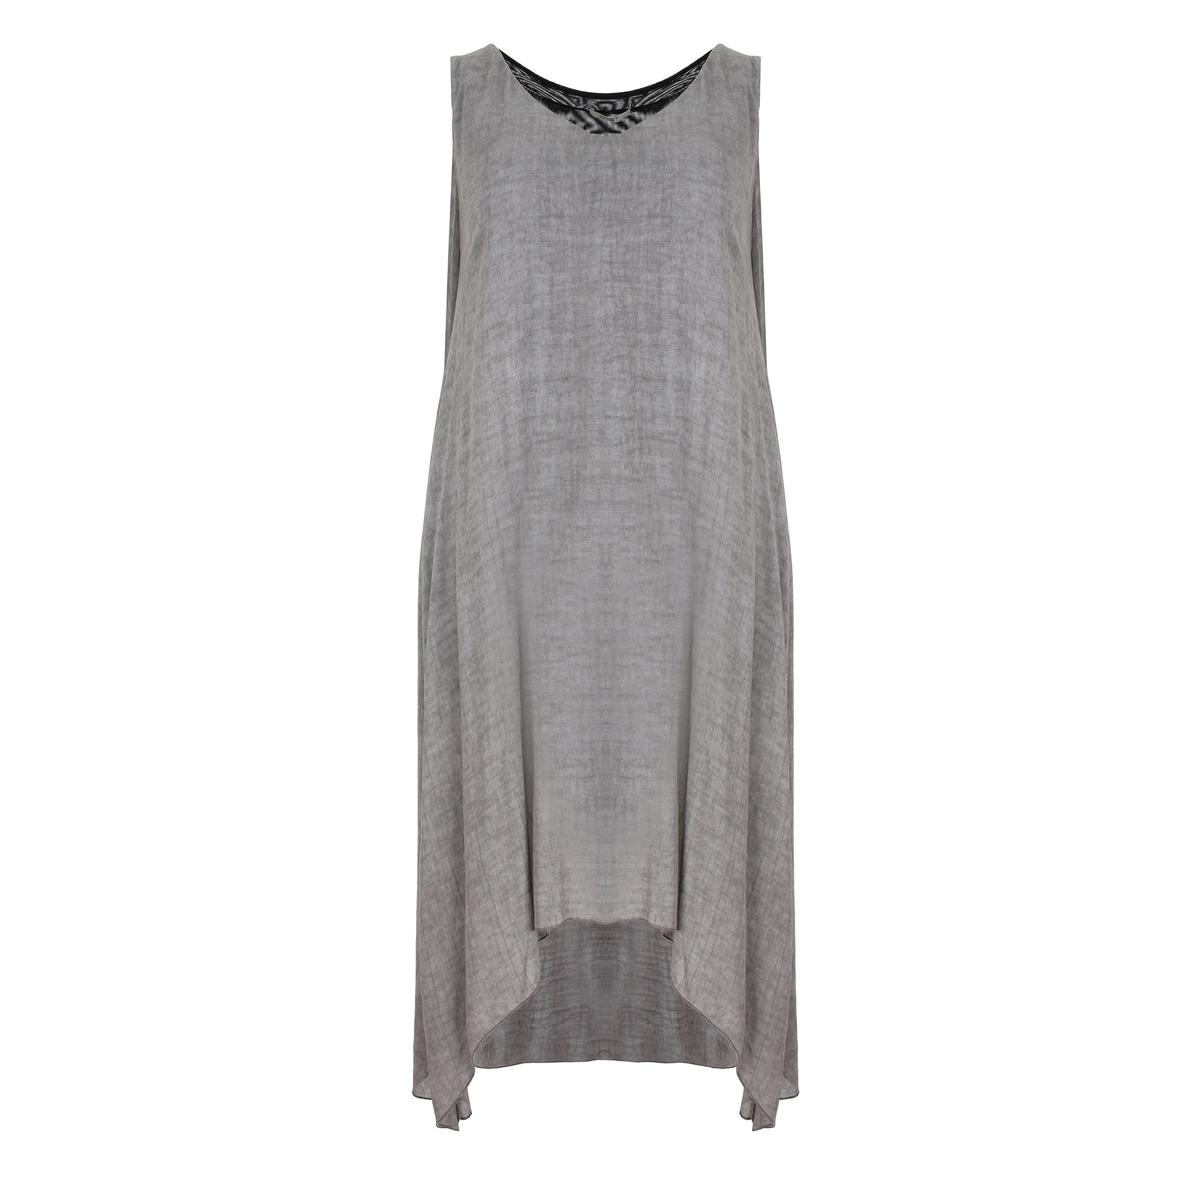 ПлатьеПлатье с драпировкой MAT FASHION. Свободный покрой со складками по бокам. Без рукавов. Закругленный вырез  . Украшение из ткани контрастного черного цвета сзади. 100% вискоза<br><br>Цвет: серый